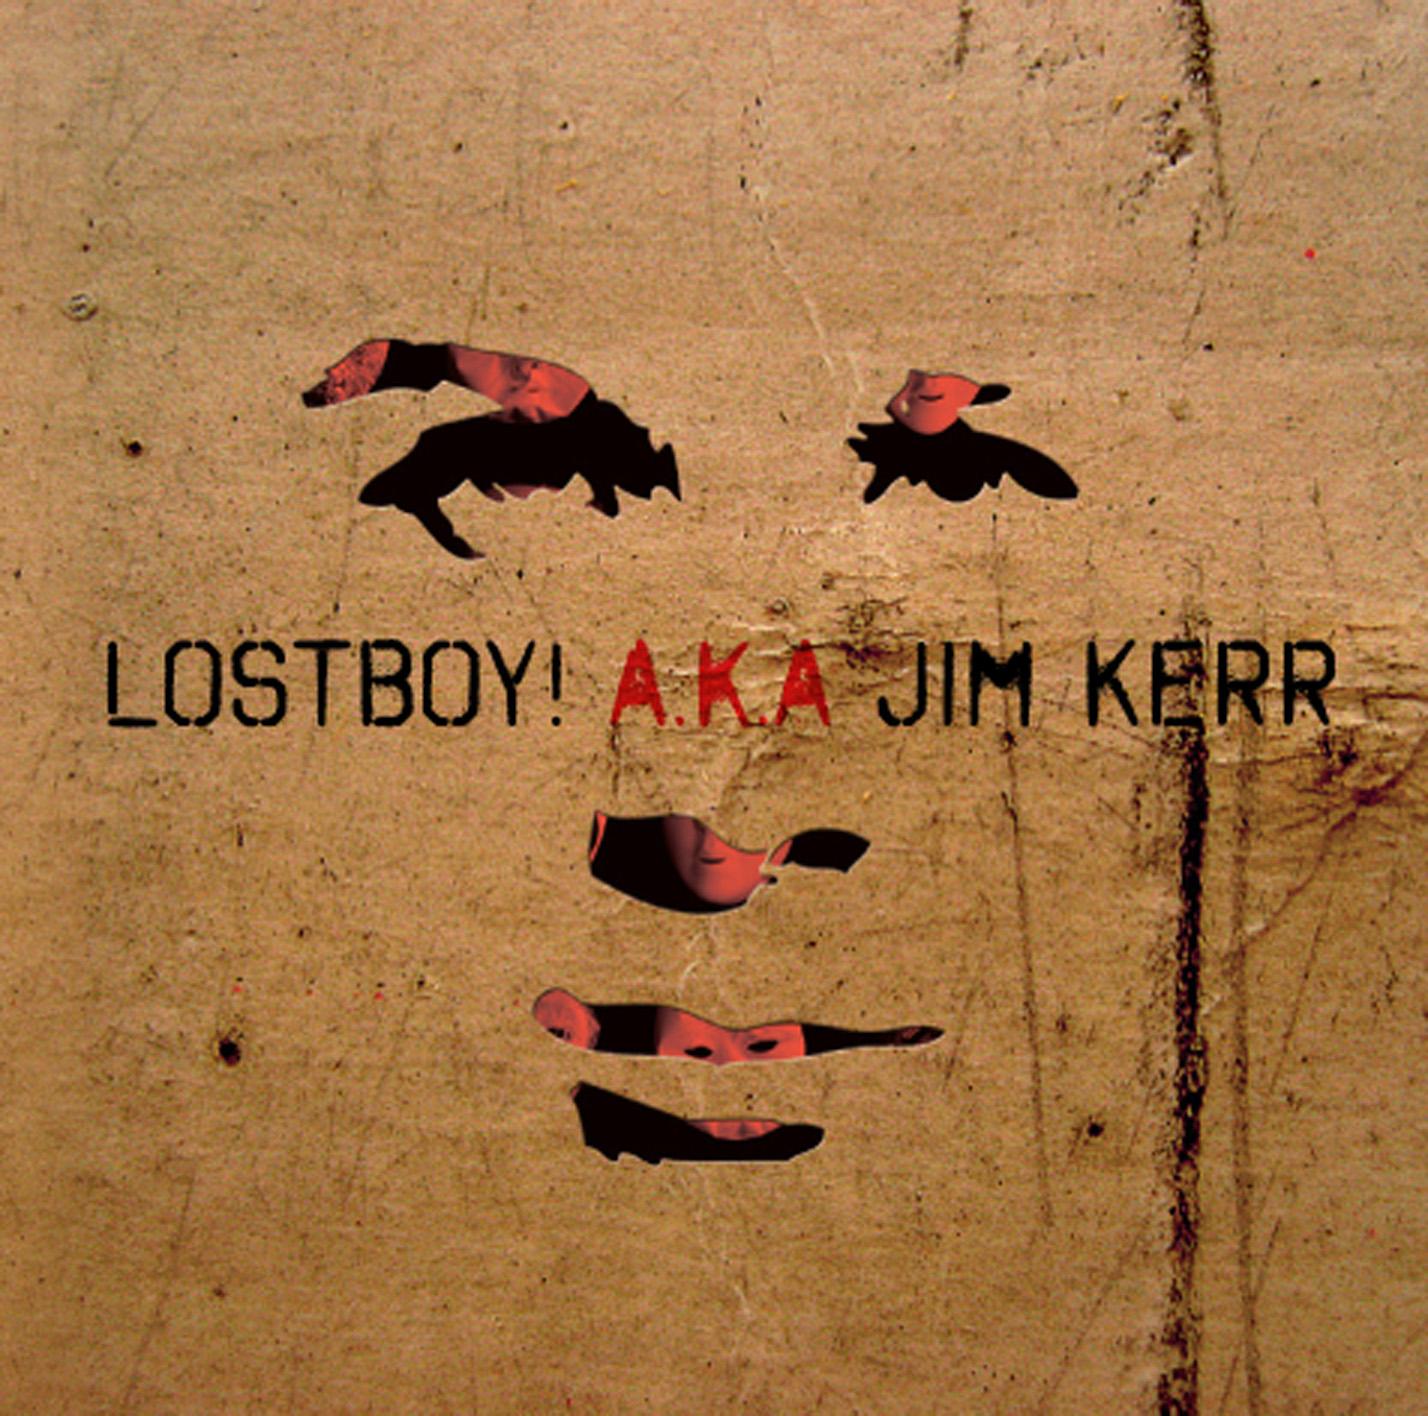 Lostboy! A.K.A Jim Kerr – Lostboy! A.K.A